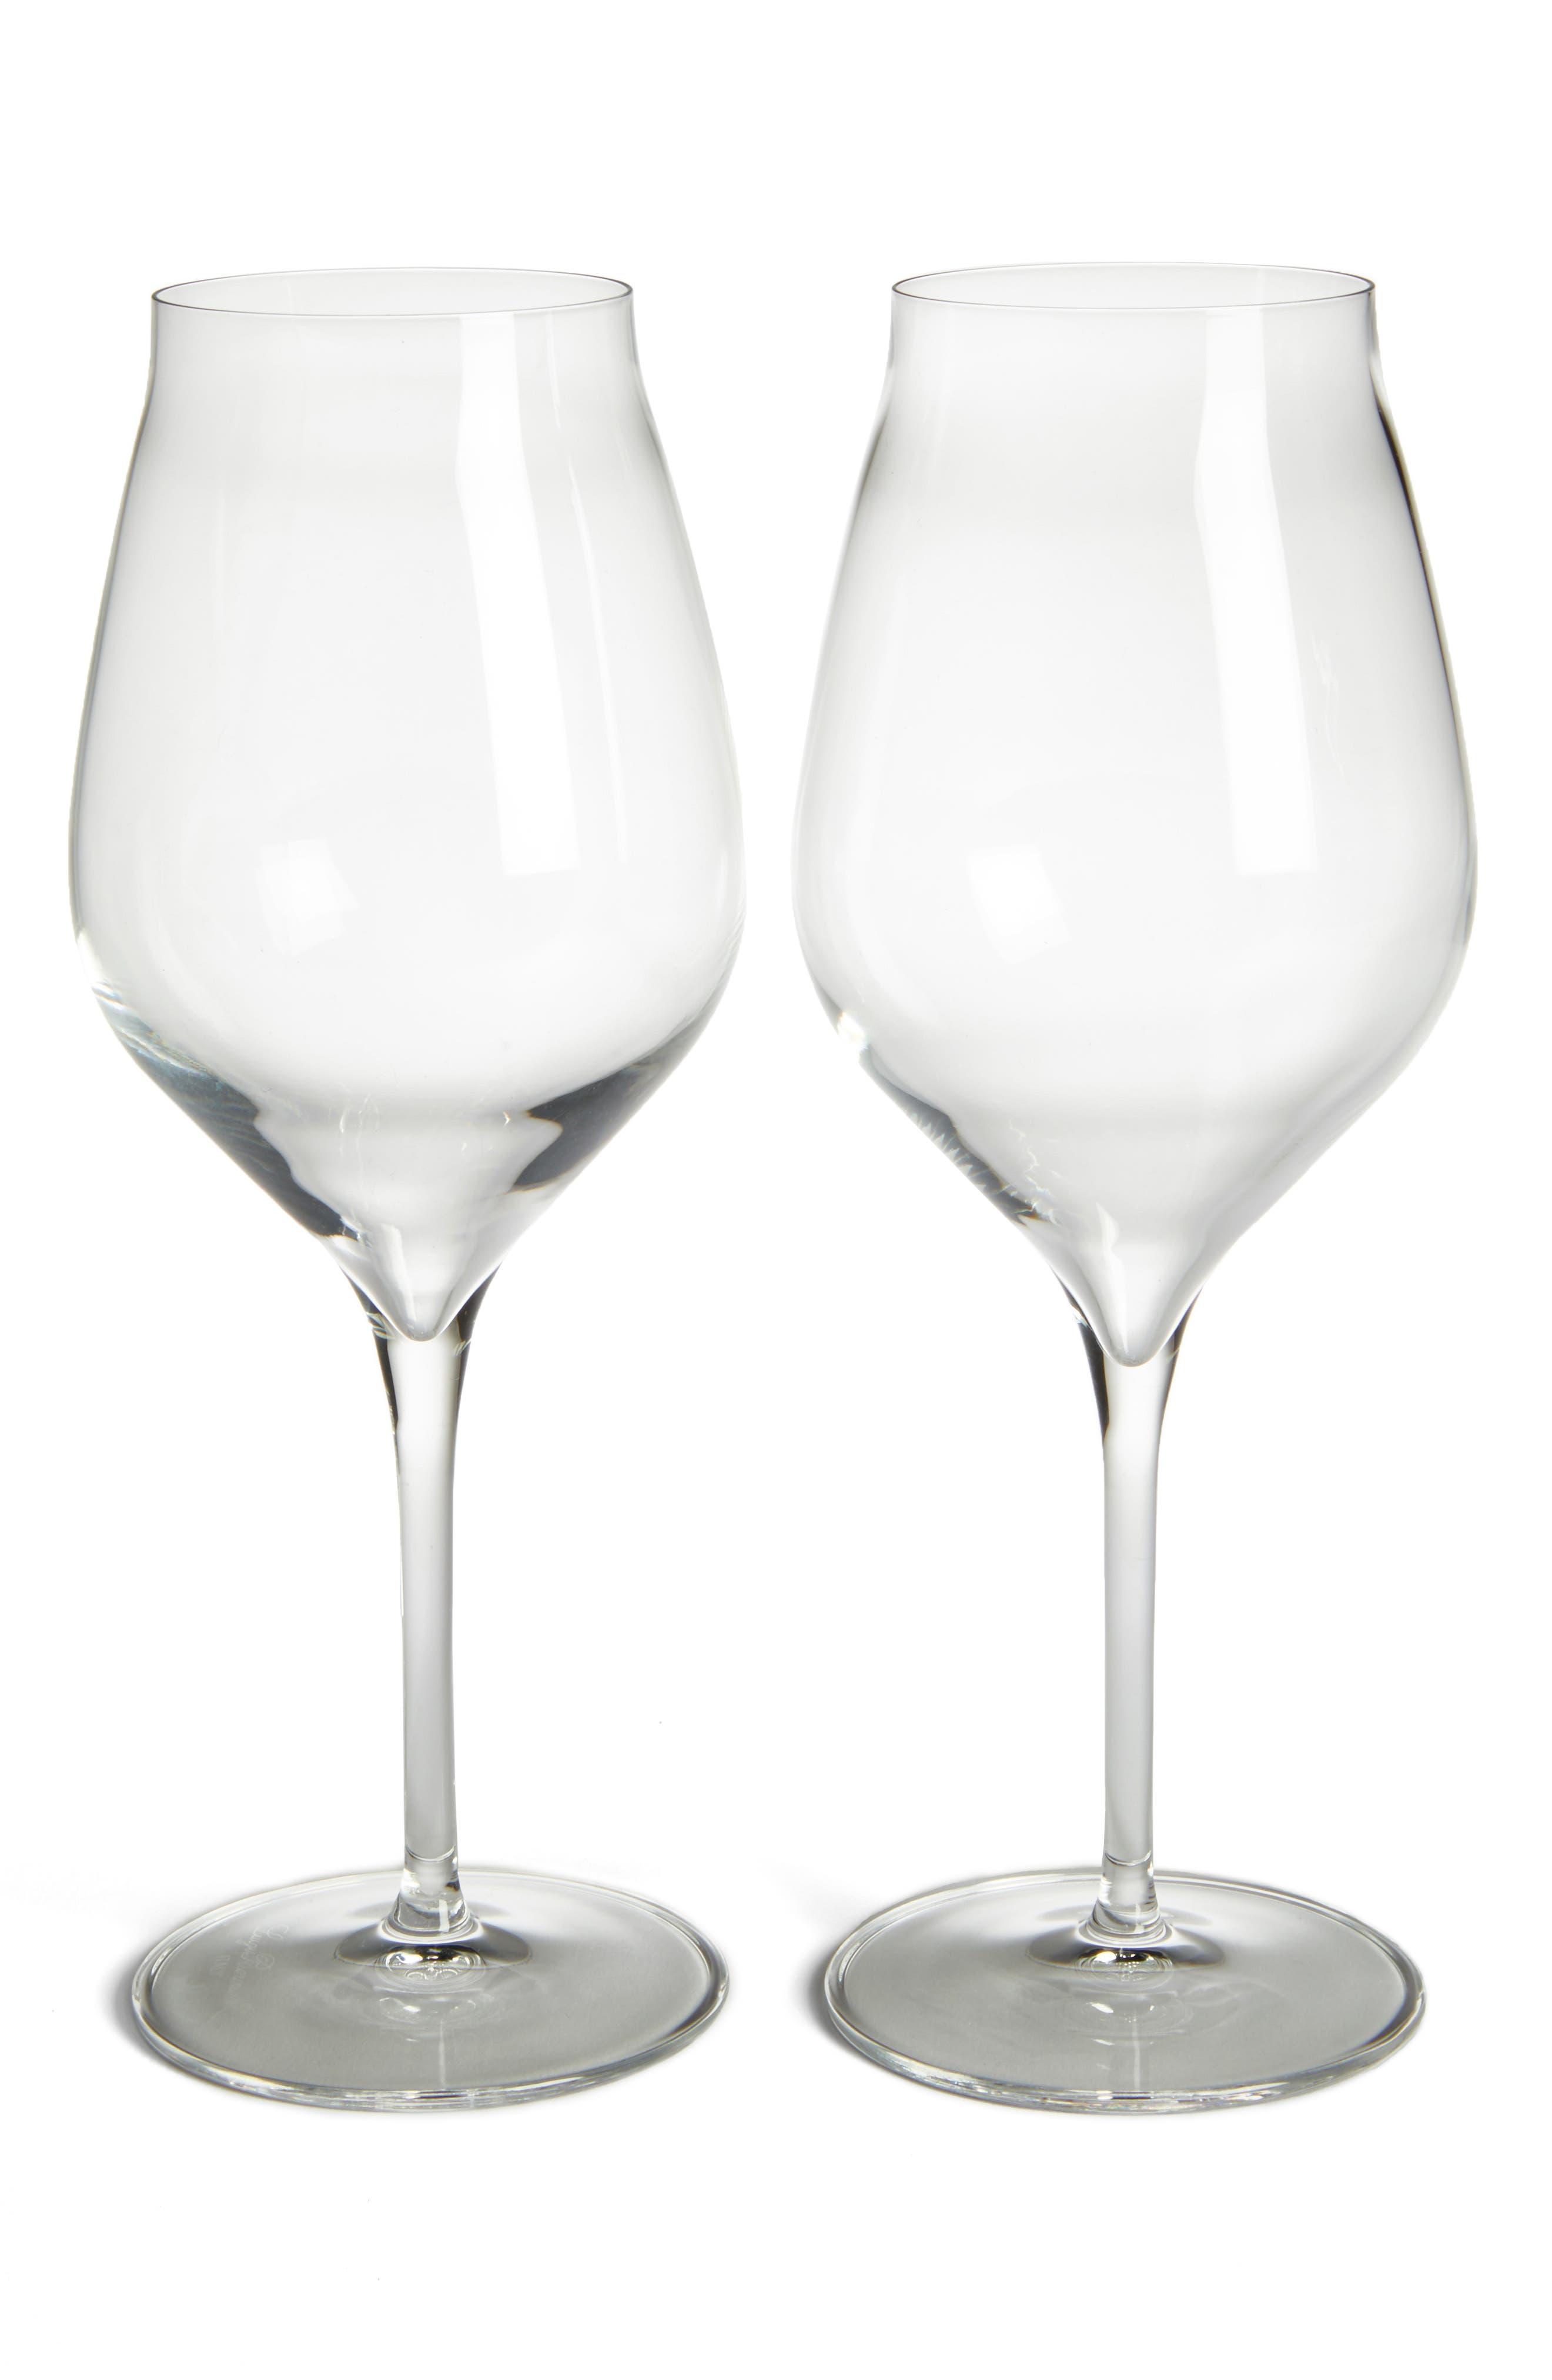 Luigi Bormiolo Vinea Cannonau Set of 2 Red Wine Glasses,                             Main thumbnail 1, color,                             CLEAR